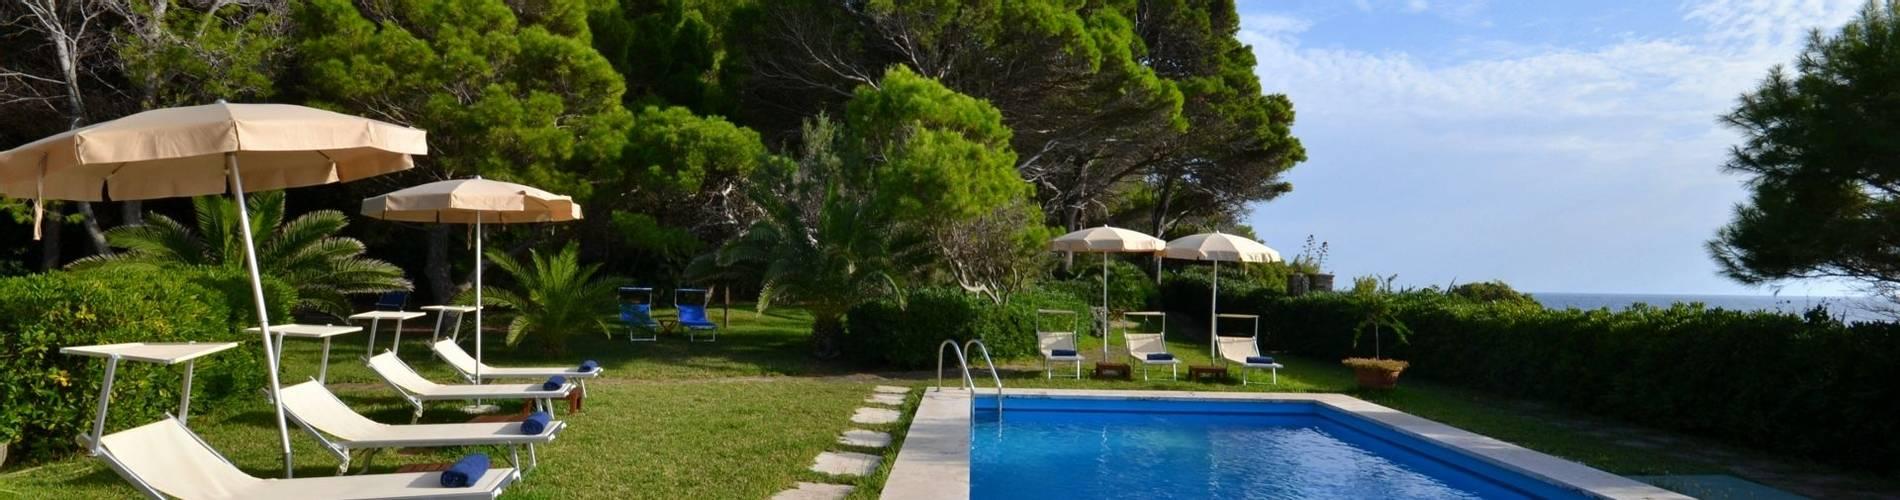 Villa Sirena 16.jpg